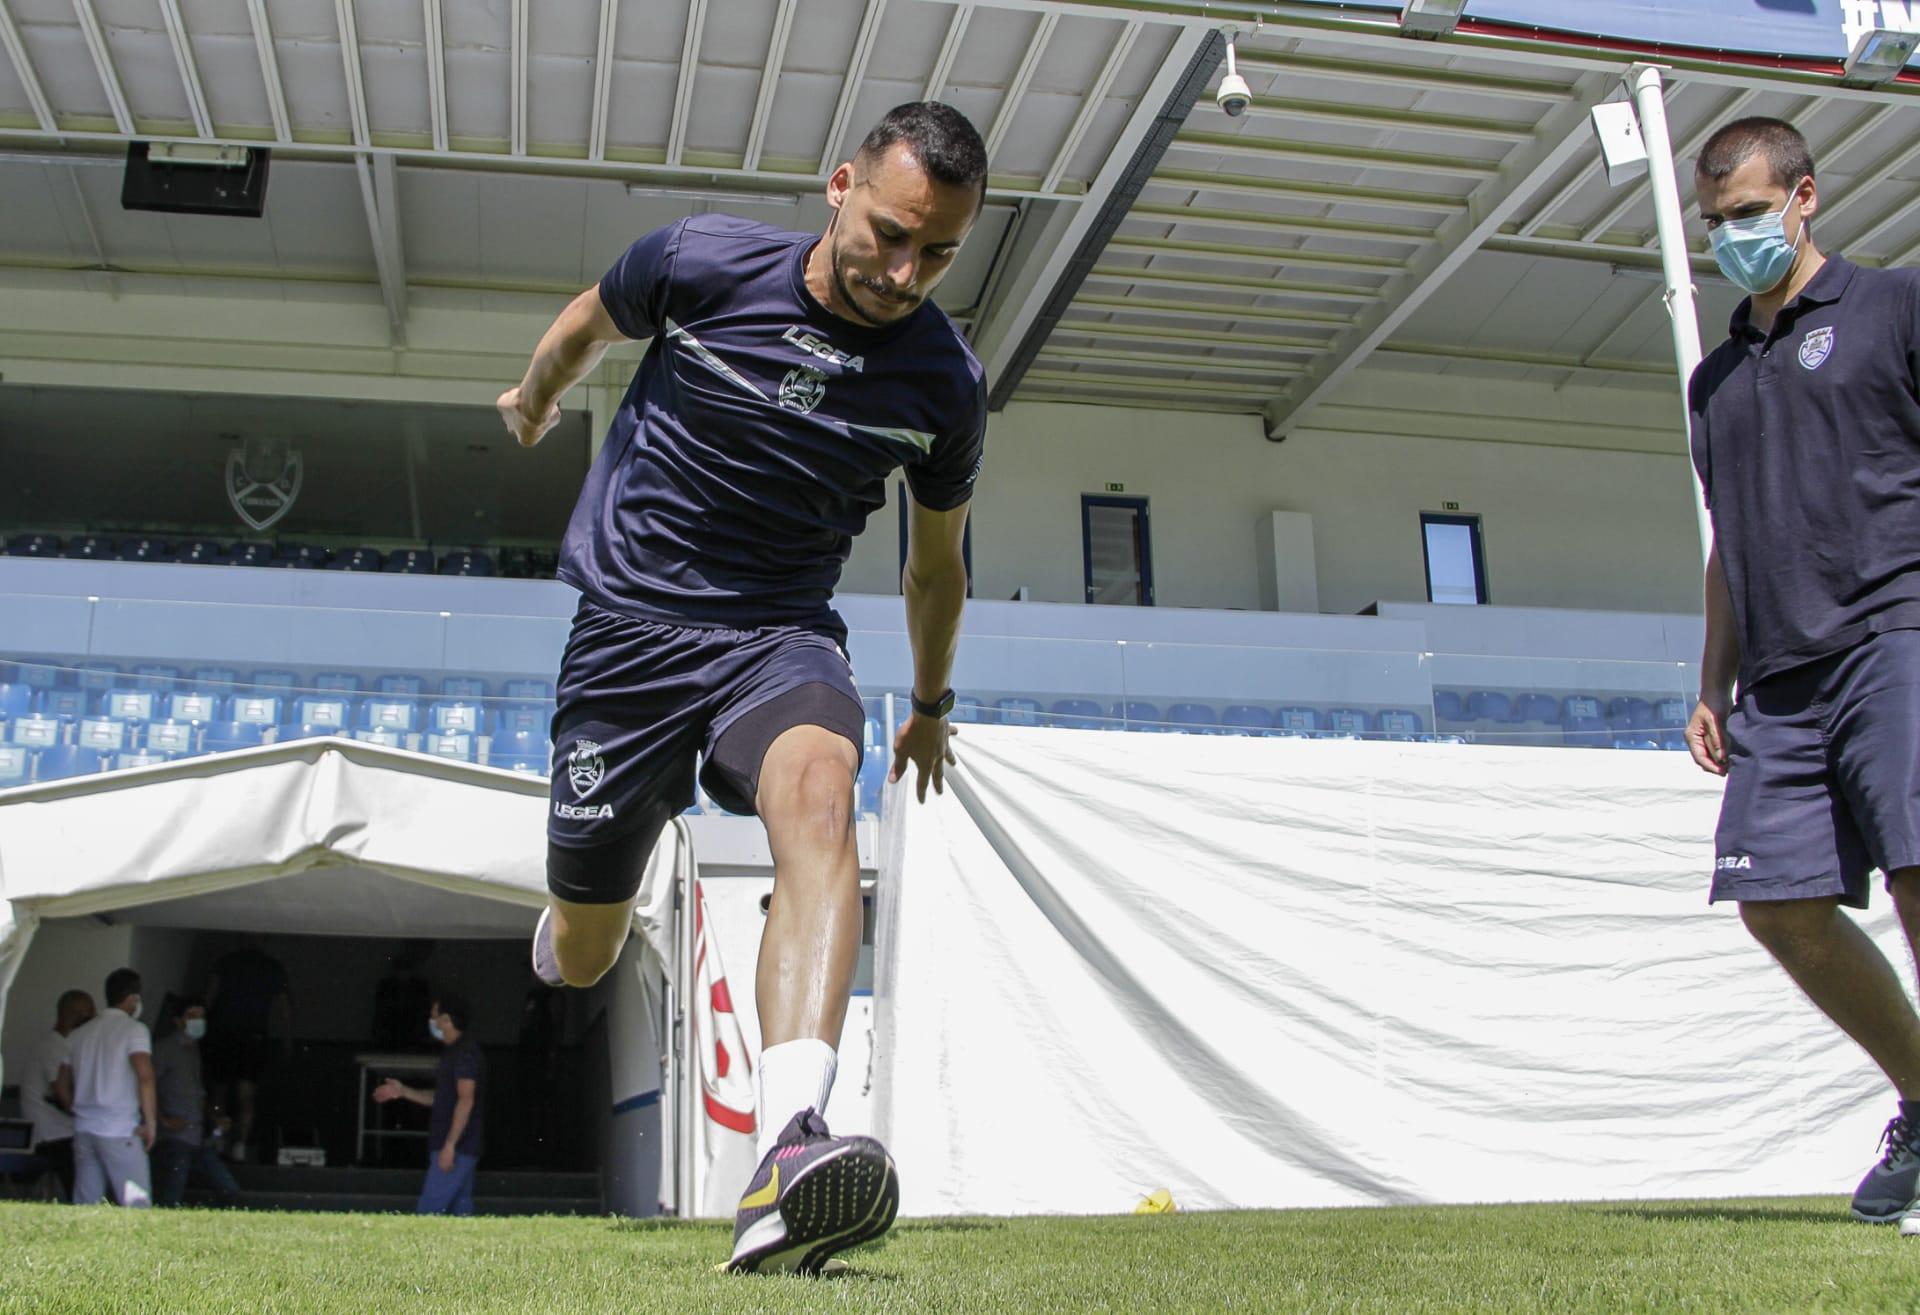 De contrato renovado, goleiro Bruno Brigido avalia início da pré-temporada